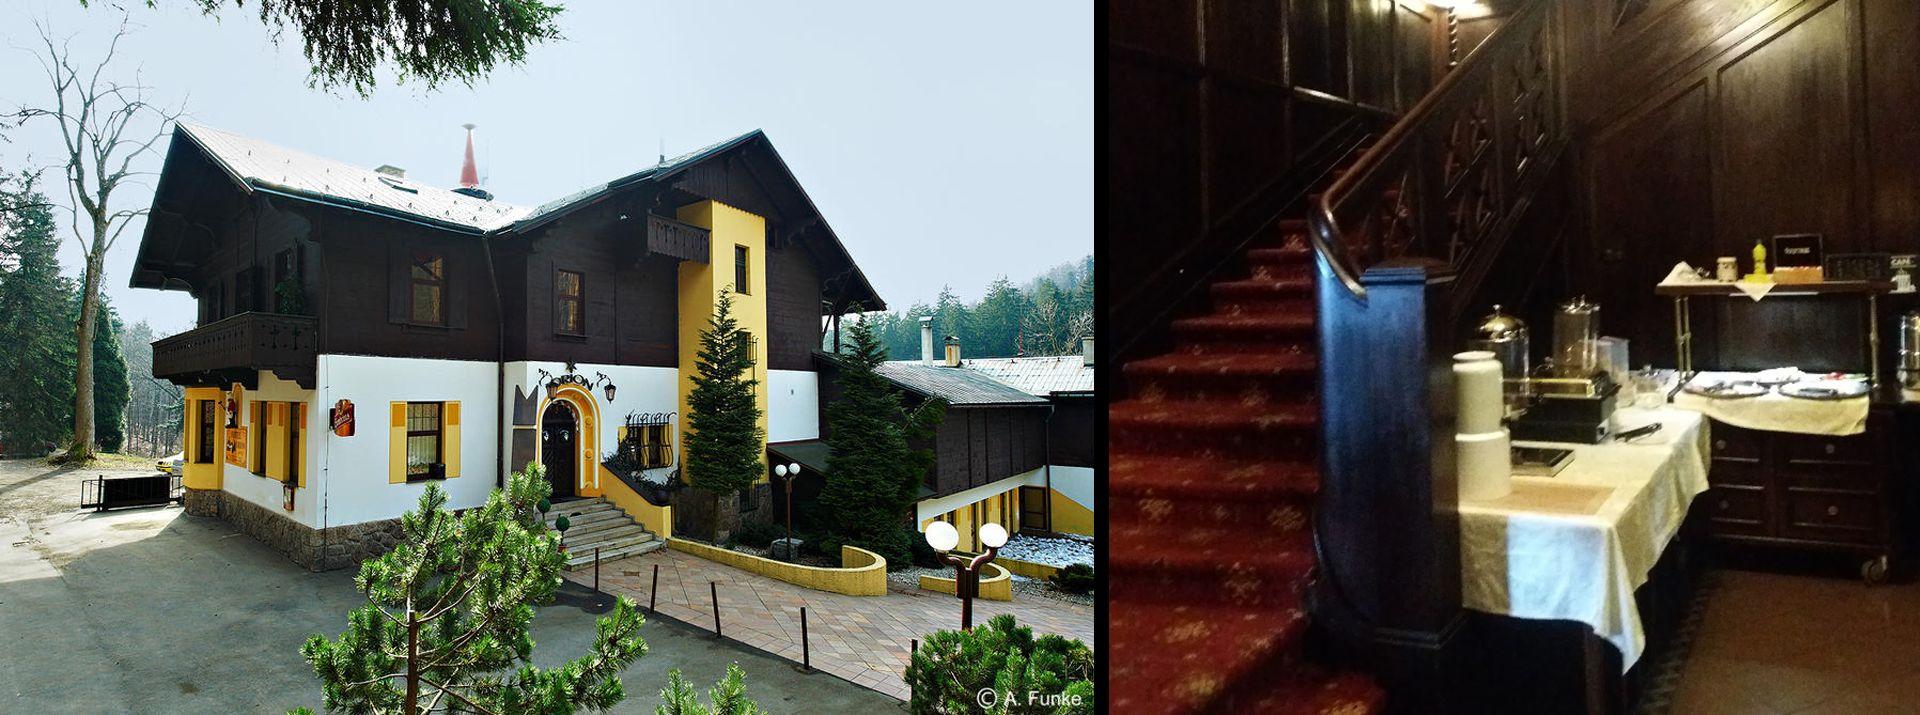 hotel-orion-04.jpg